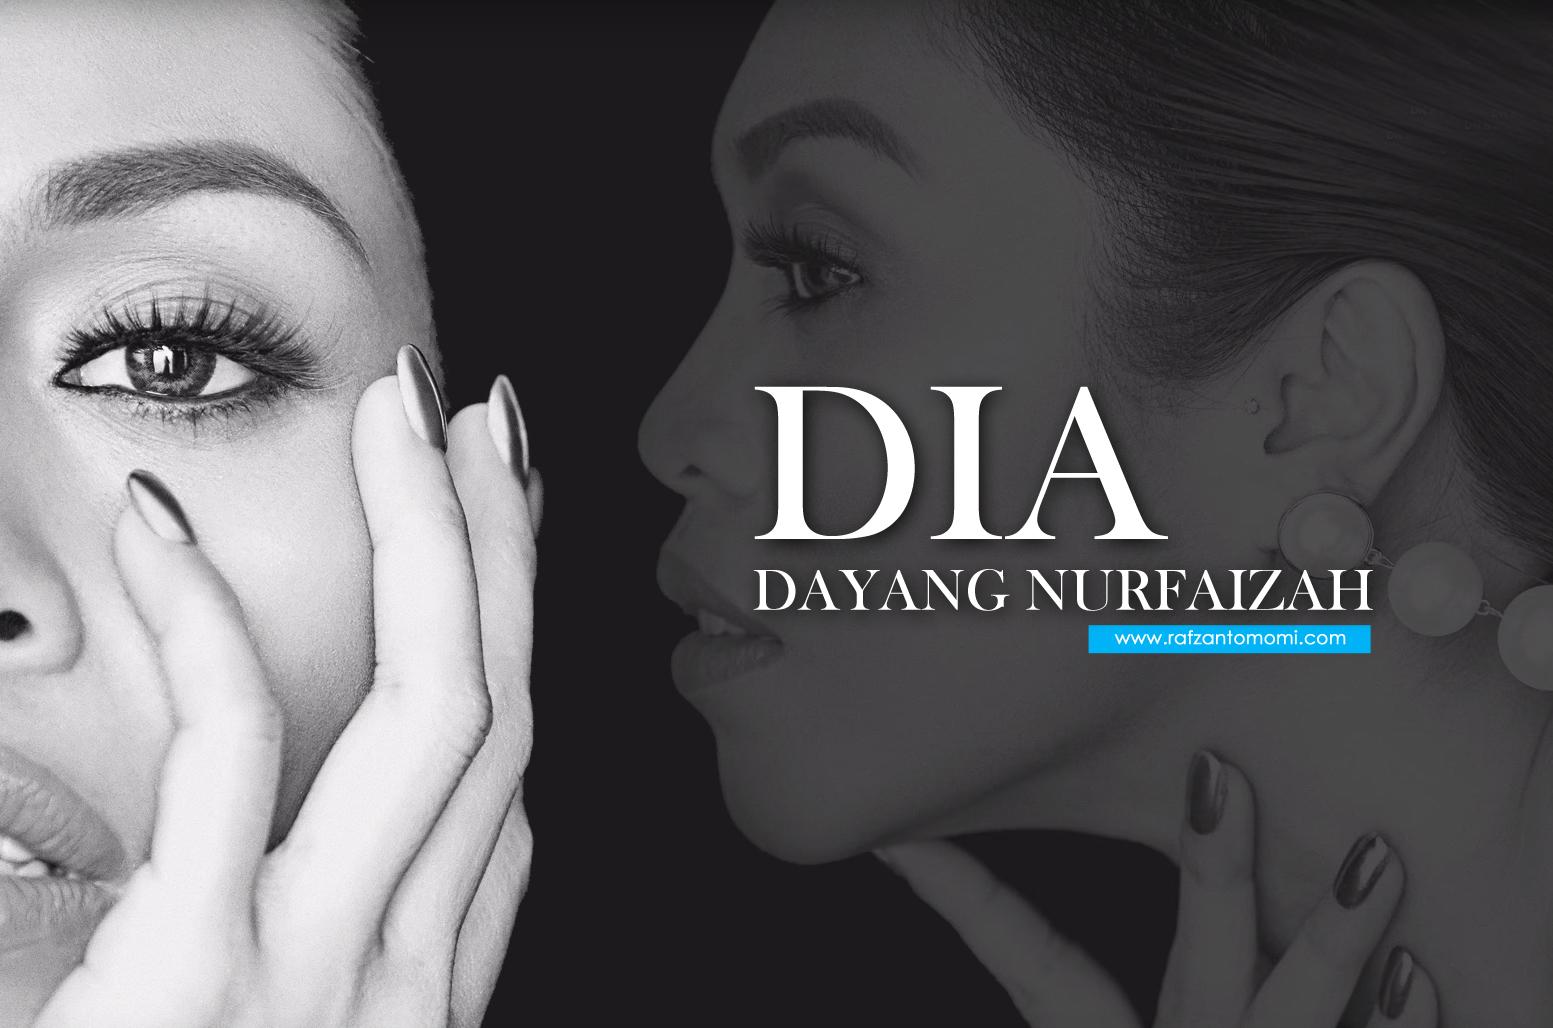 Lirik Lagu Dia - Dayang Nurfaizah (OST Drama Dia)